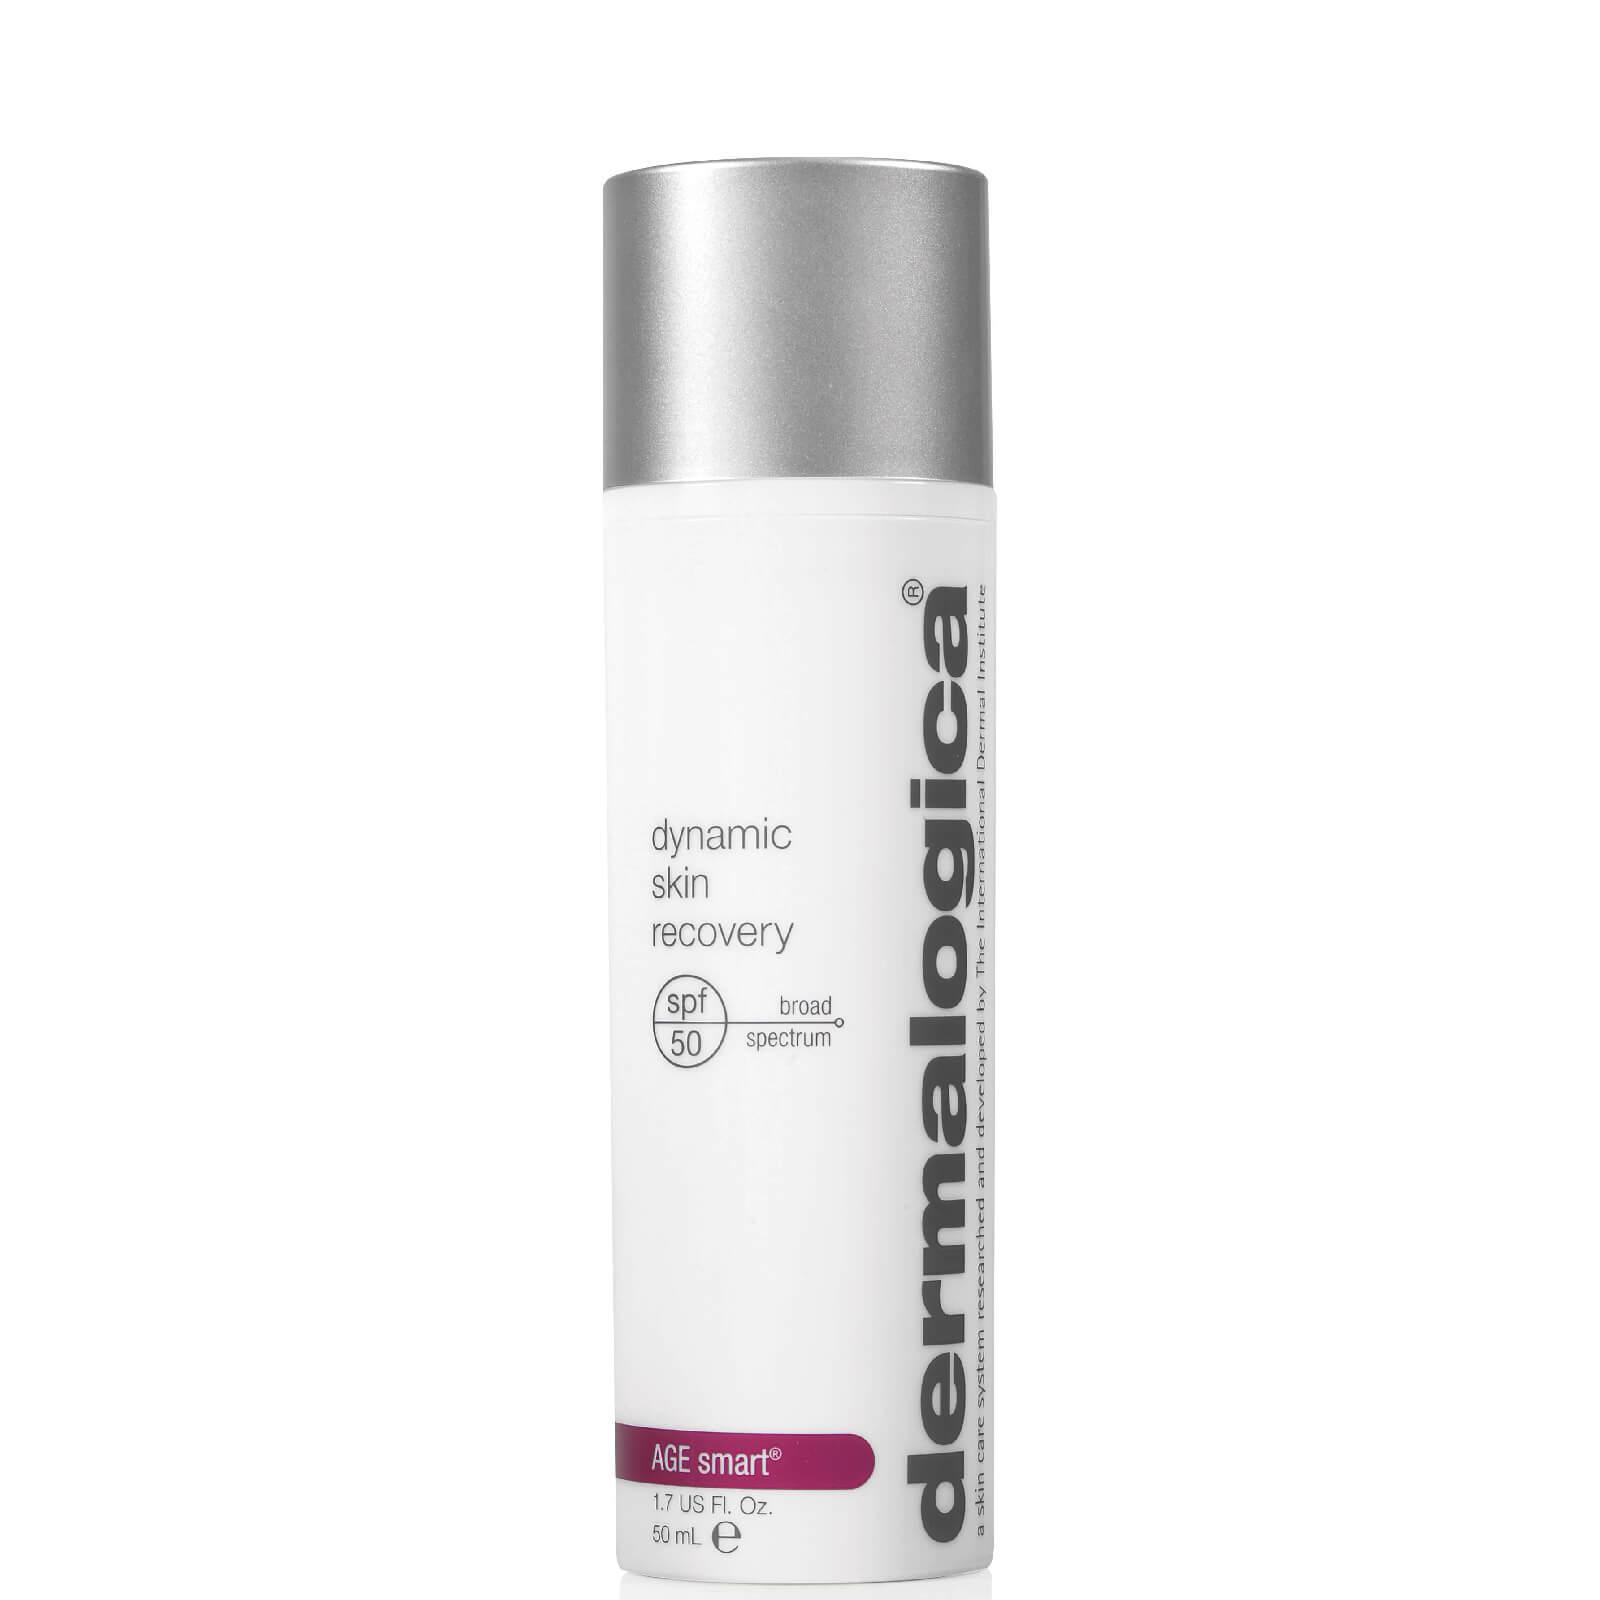 Dermalogica Dynamic Skin Recovery SPF50 146 лв. Специално разработен за зряла или преждевременно застаряваща кожа, кремът е богат и дълбоко хидратиращ, предпазва от свободните радикали и блокира слънчевите лъчи.